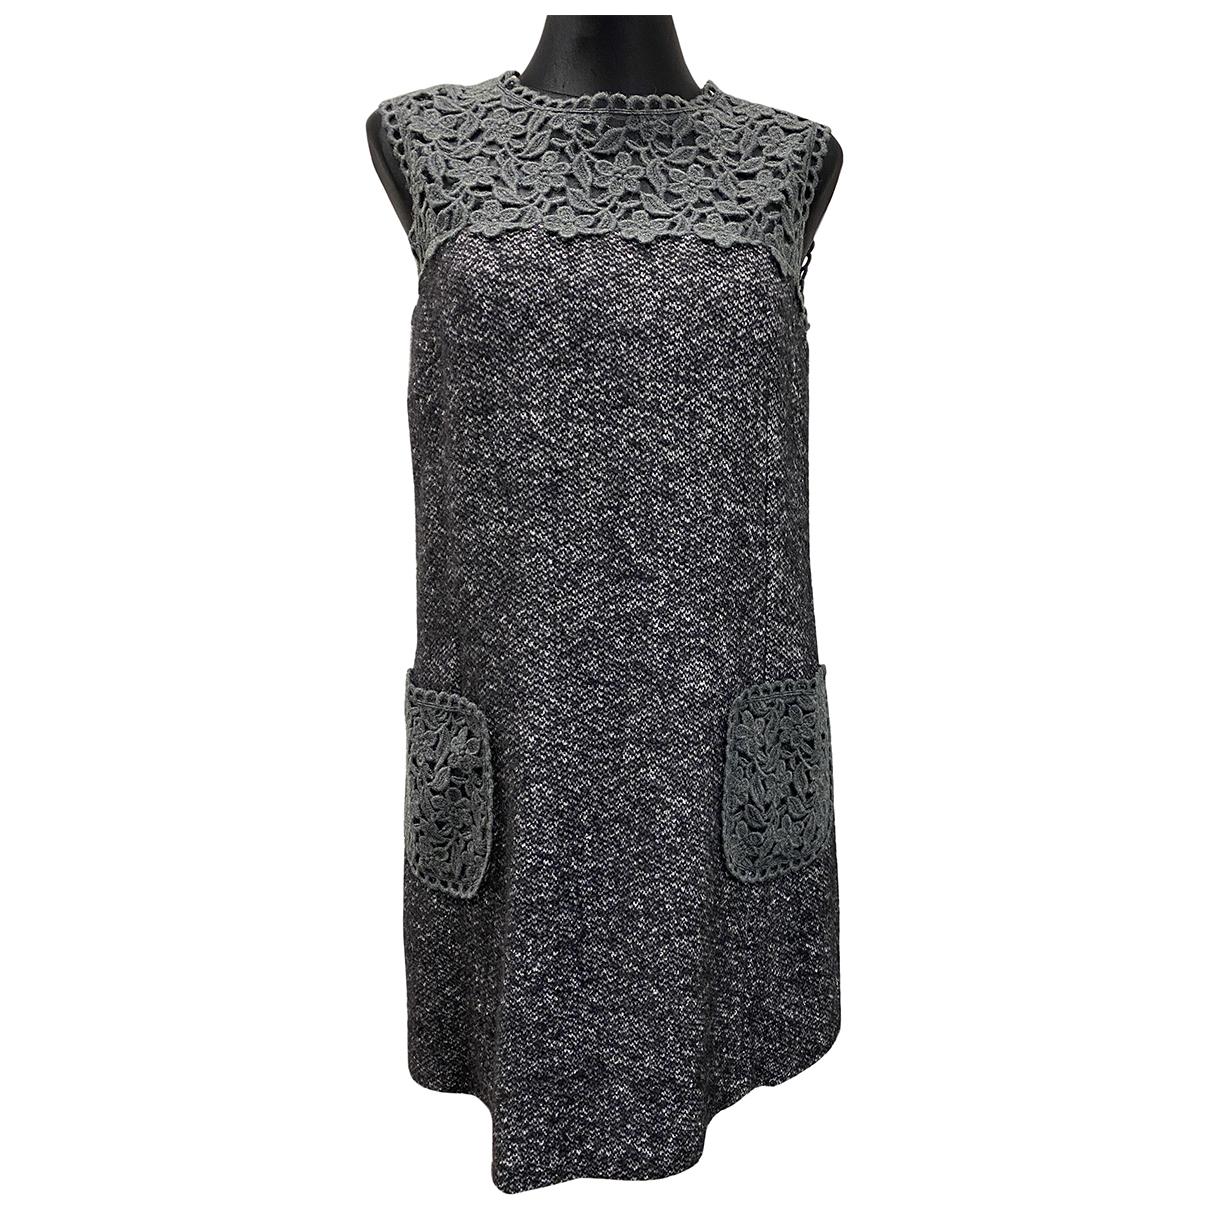 Dolce & Gabbana \N Grey Wool dress for Women 42 IT